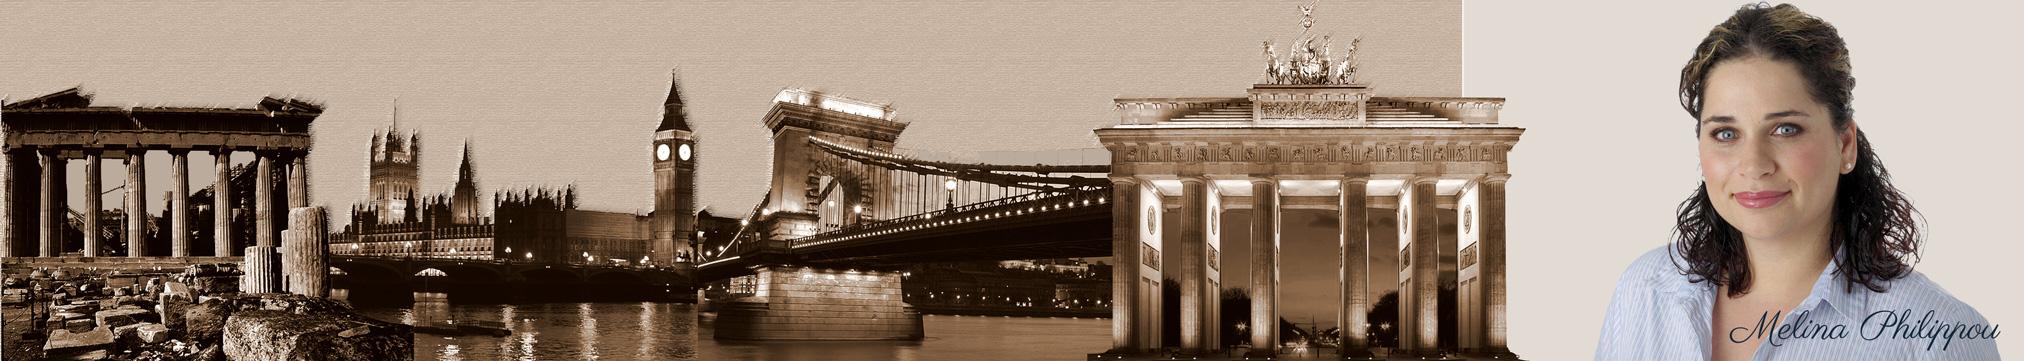 Sprachenservice Philippou - Sprachkurse, Übersetzen, Dolmetschen, Einwanderungshilfe für Griechisch, Ungarisch, Deutsch und Englisch in Magdeburg, Sankt-Michael-Straße